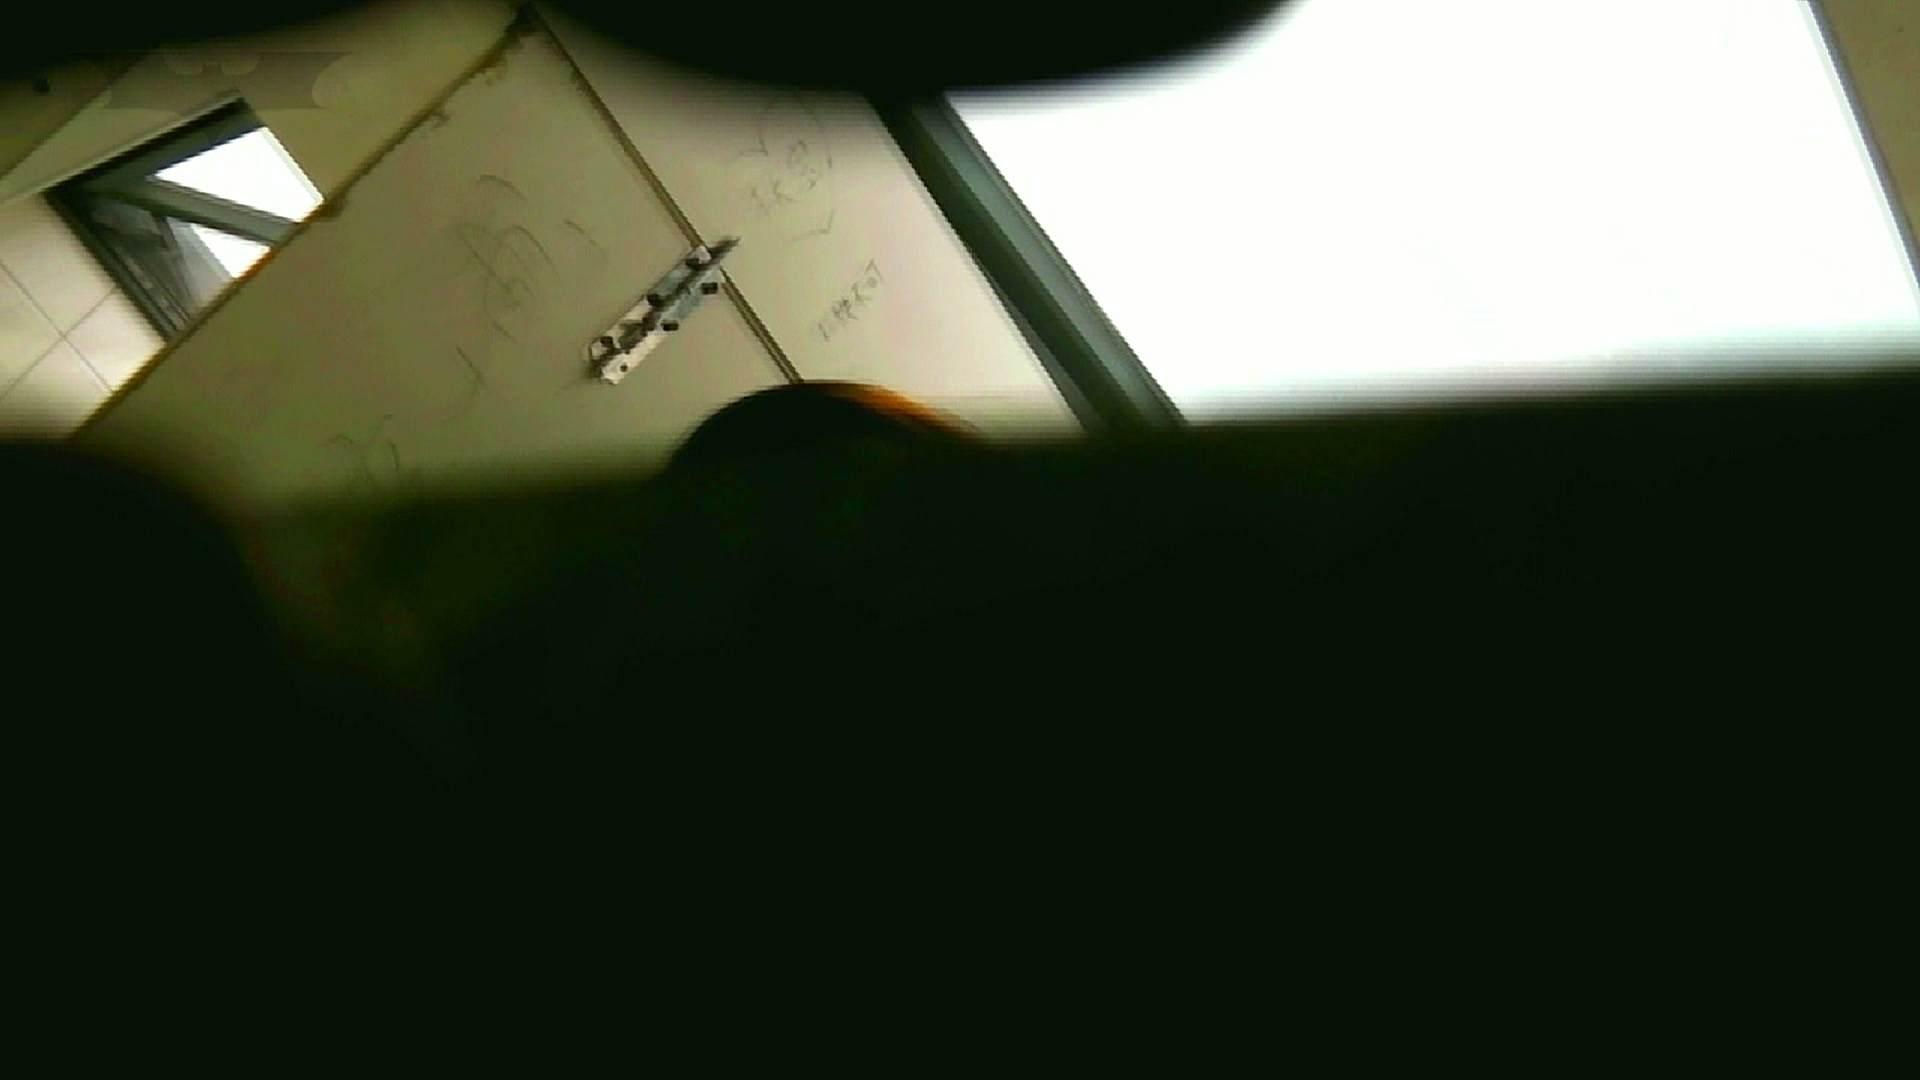 ステーション編 vol.29 頭二つ飛び出る180cm長身モデル OLハメ撮り  40Pix 15